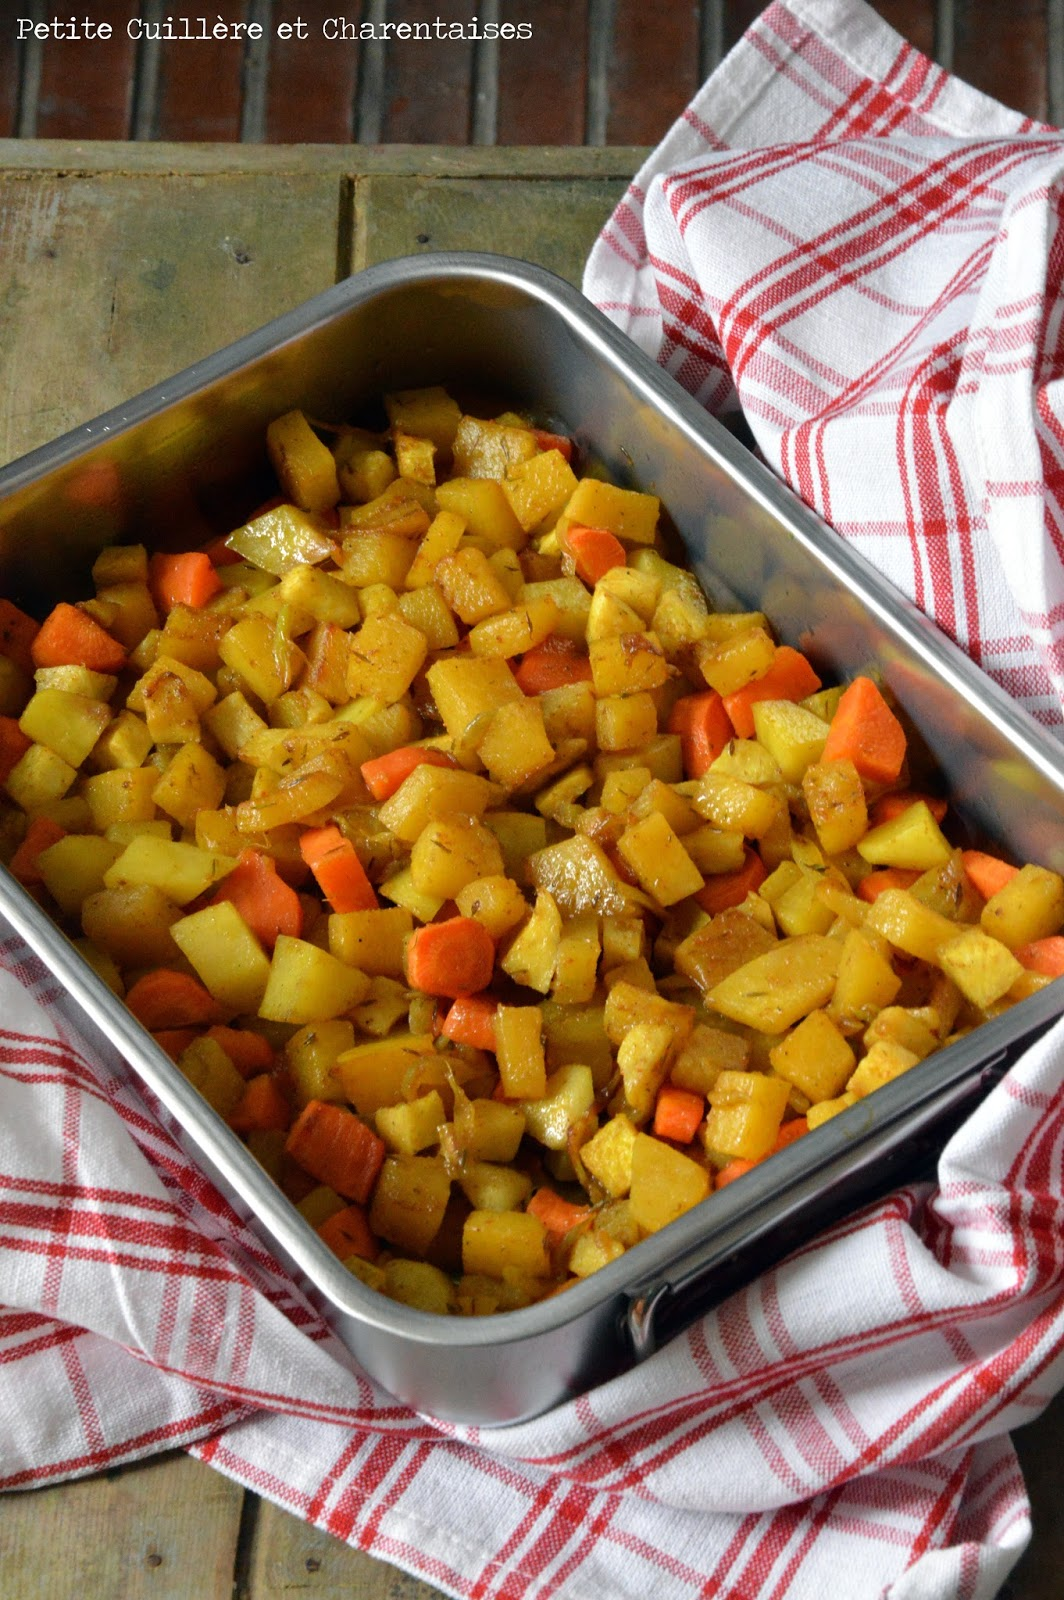 Petite cuill re et charentaises crumble de l gumes d 39 hiver pic s - Legumes d hiver liste ...